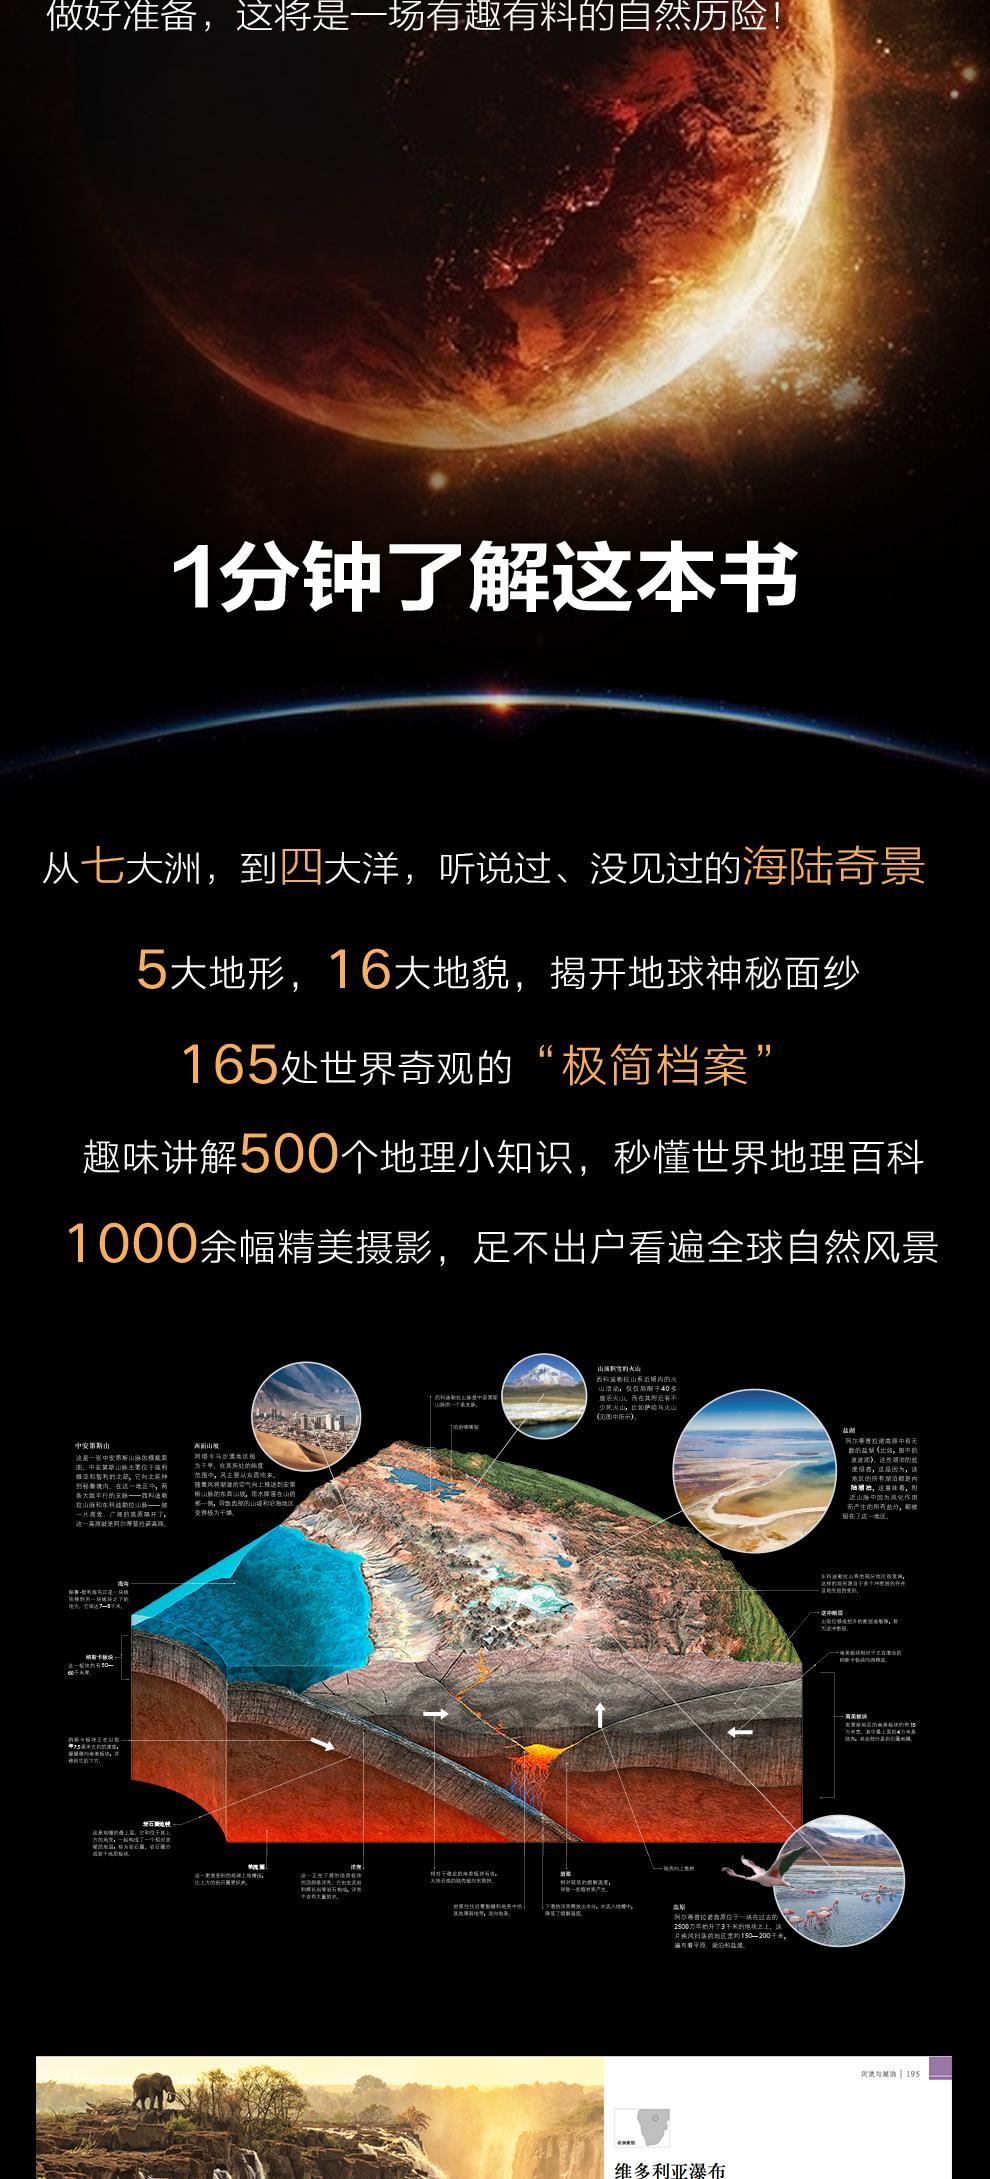 《DK全球自然奇观全探索》众筹_02.jpg